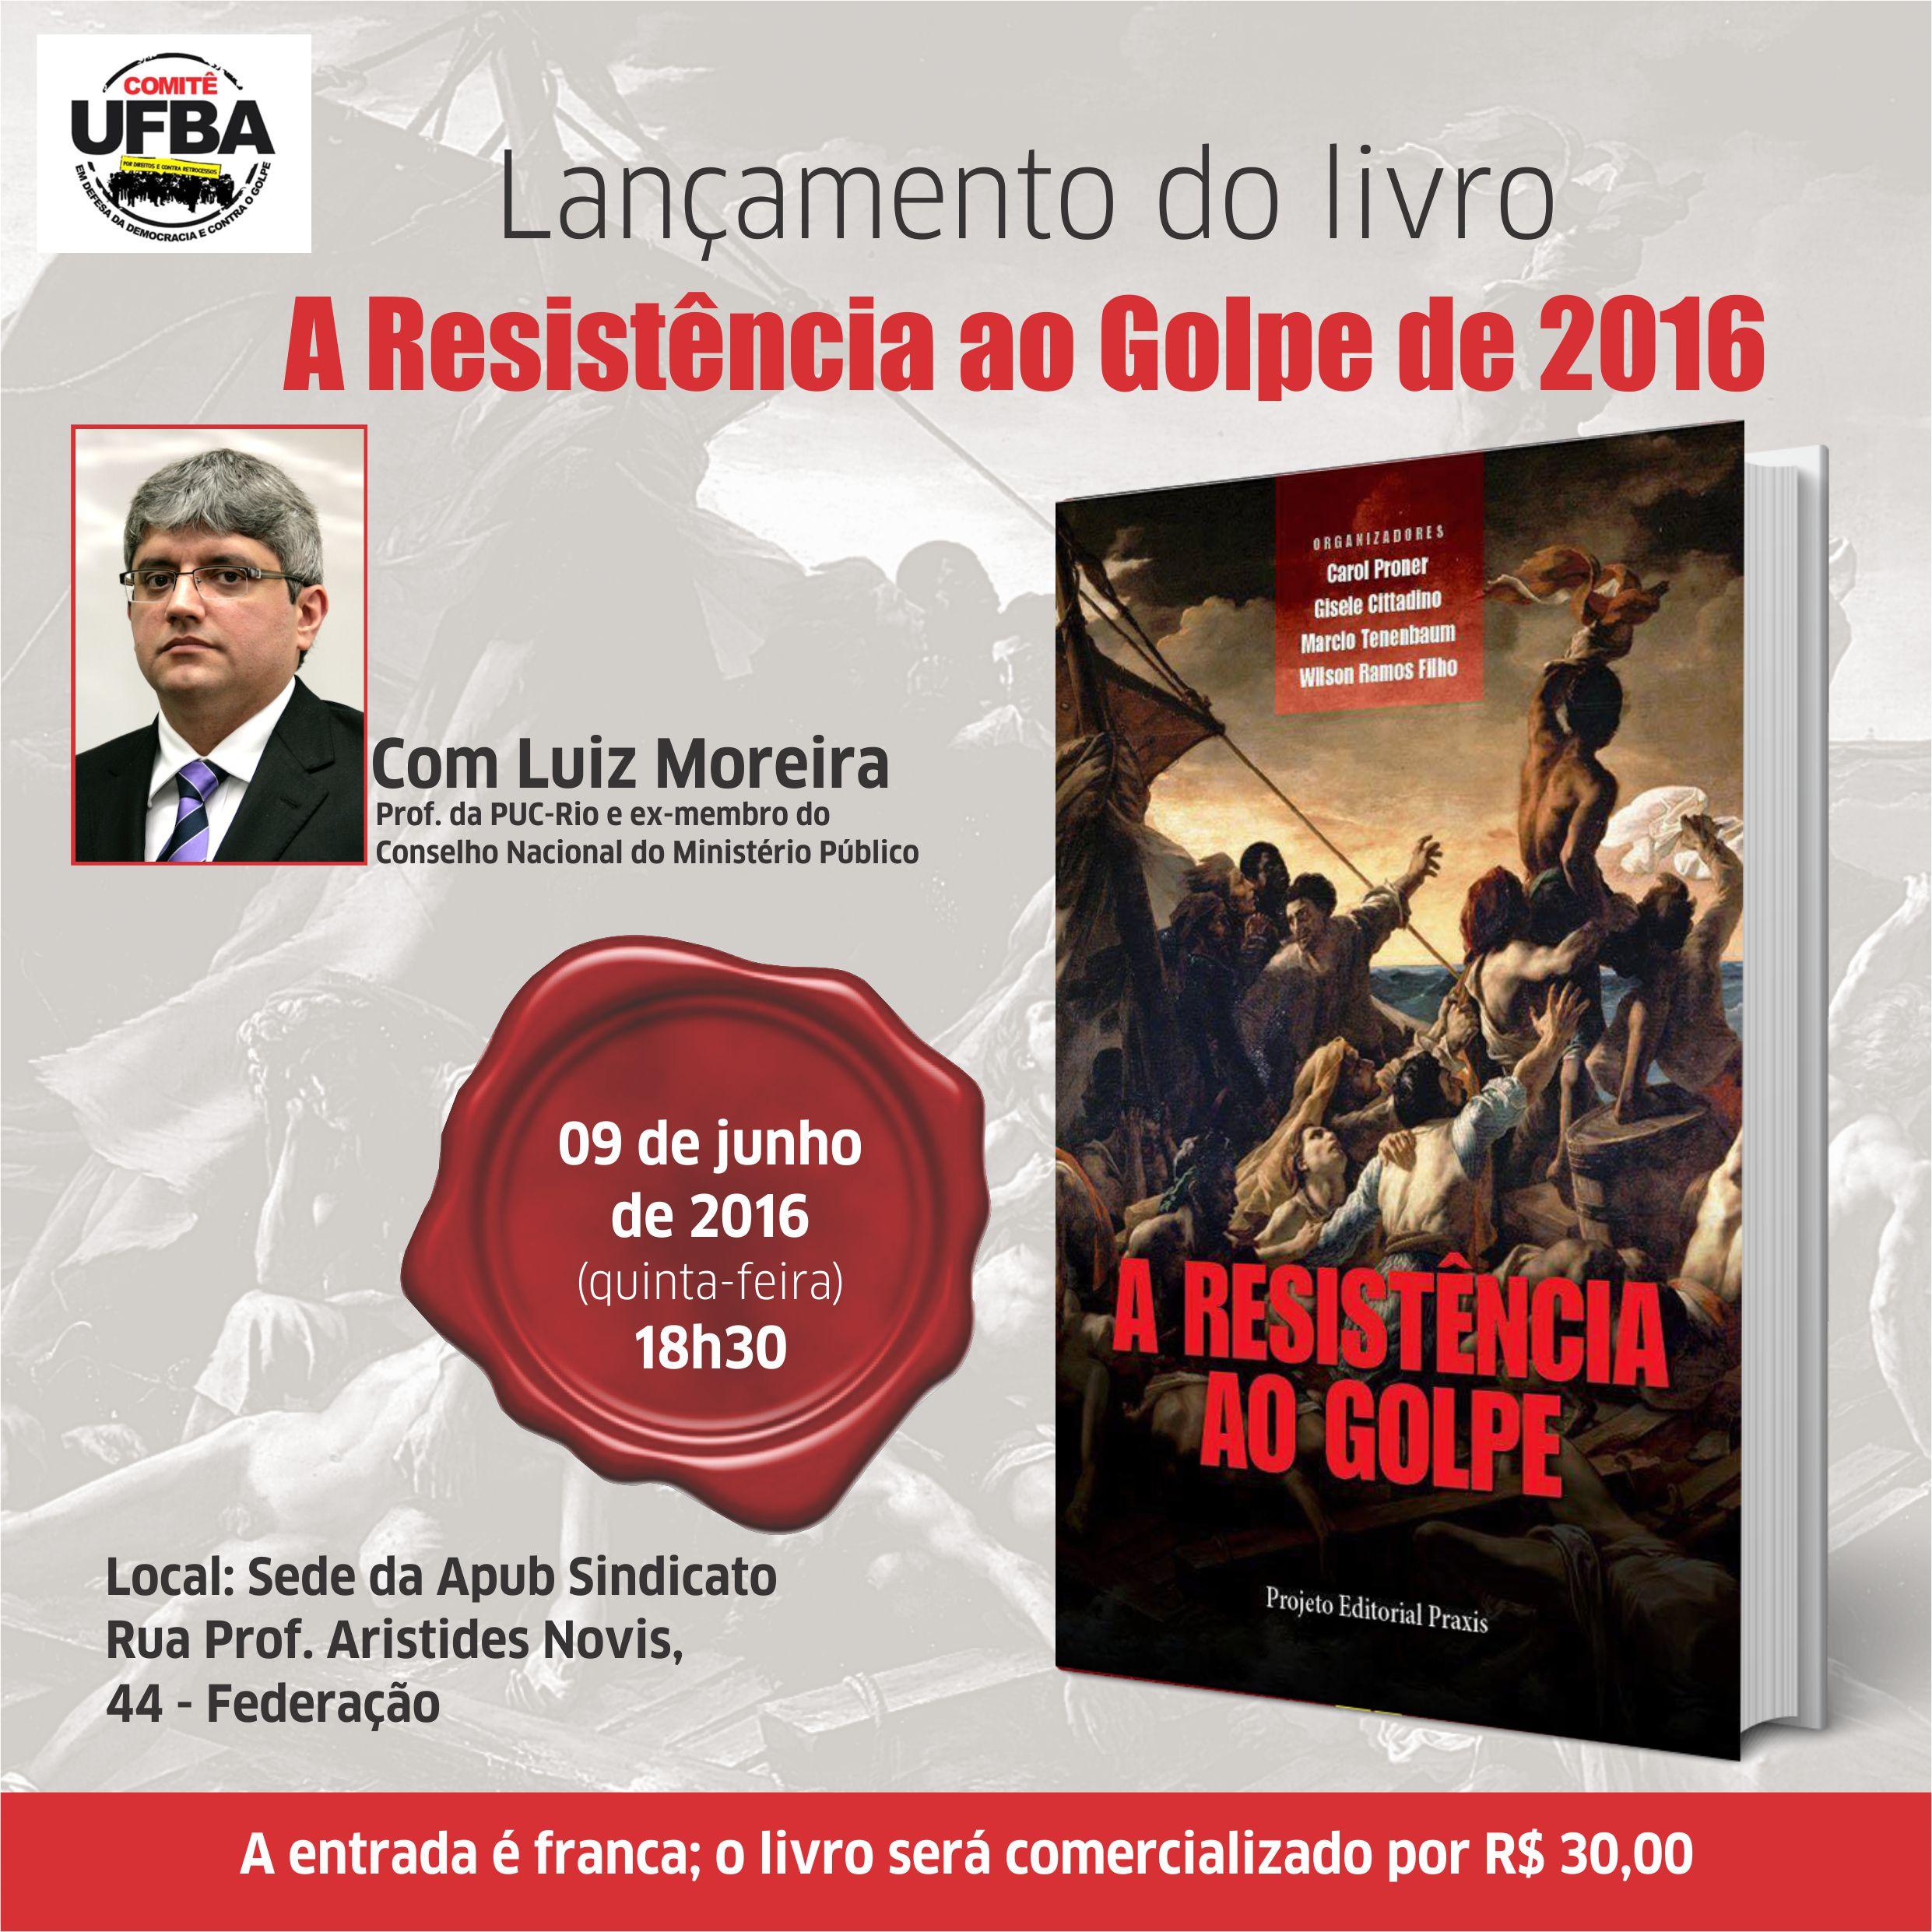 Comitê UFBA promove lançamento do livro